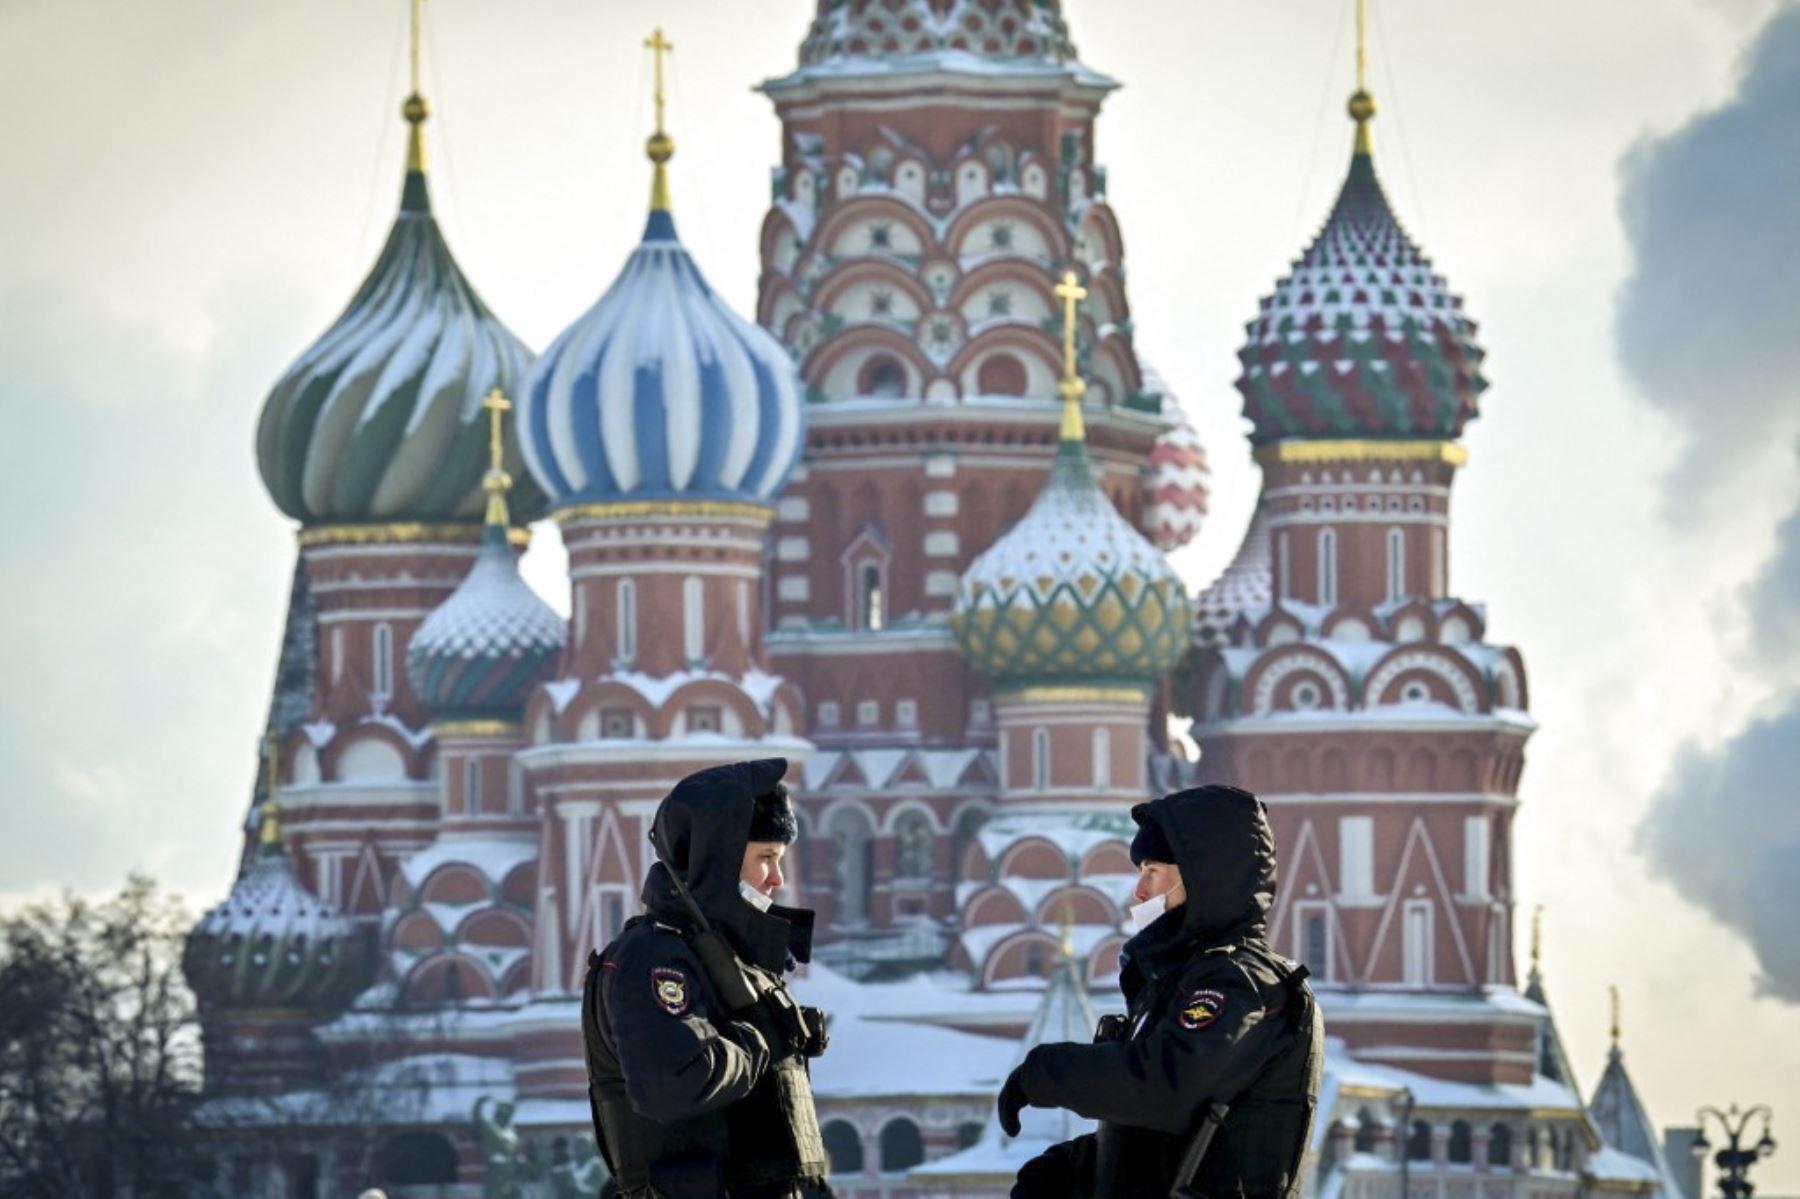 La propagación de la variante Delta del coronavirus en Moscú disparó este viernes los contagios a una cifra récord en la capital rusa, obligando a tomar medidas para los eventos públicos, como el cierre de la zona para aficionados de la Eurocopa de fútbol. Foto: AFP